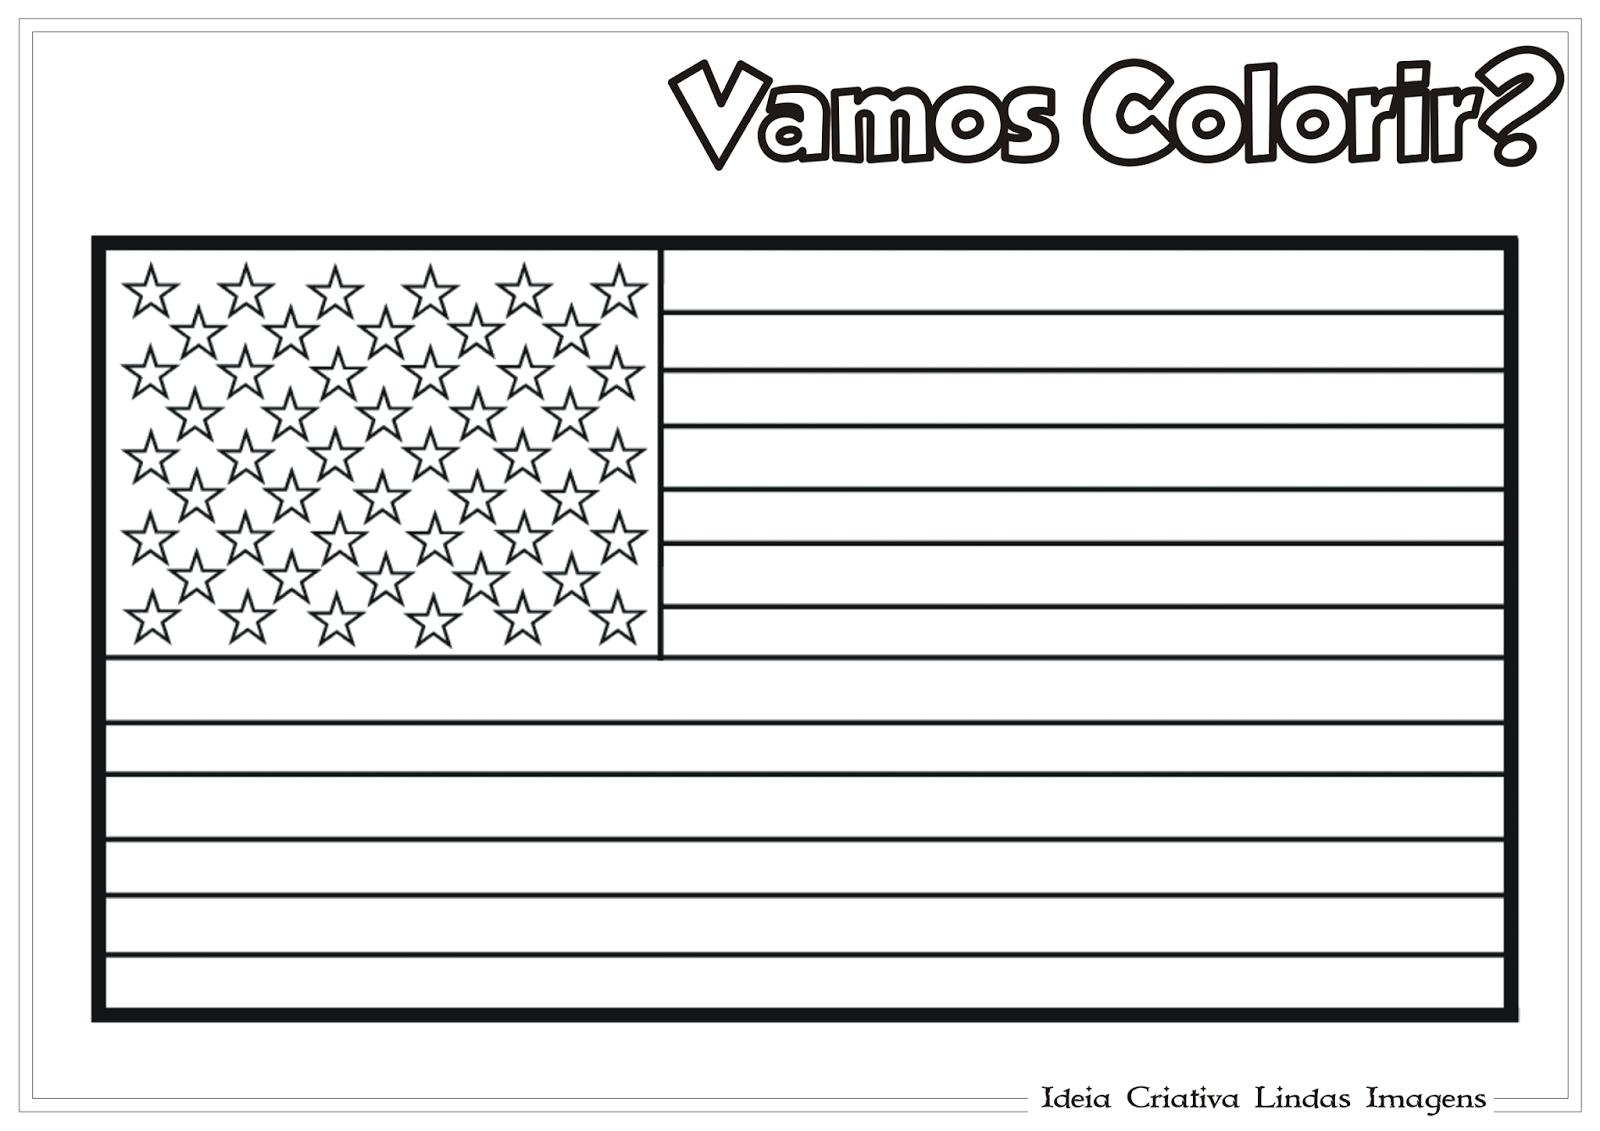 Copa do Mundo 2014: Grupo G - Bandeira dos Estados Unidos para colorir